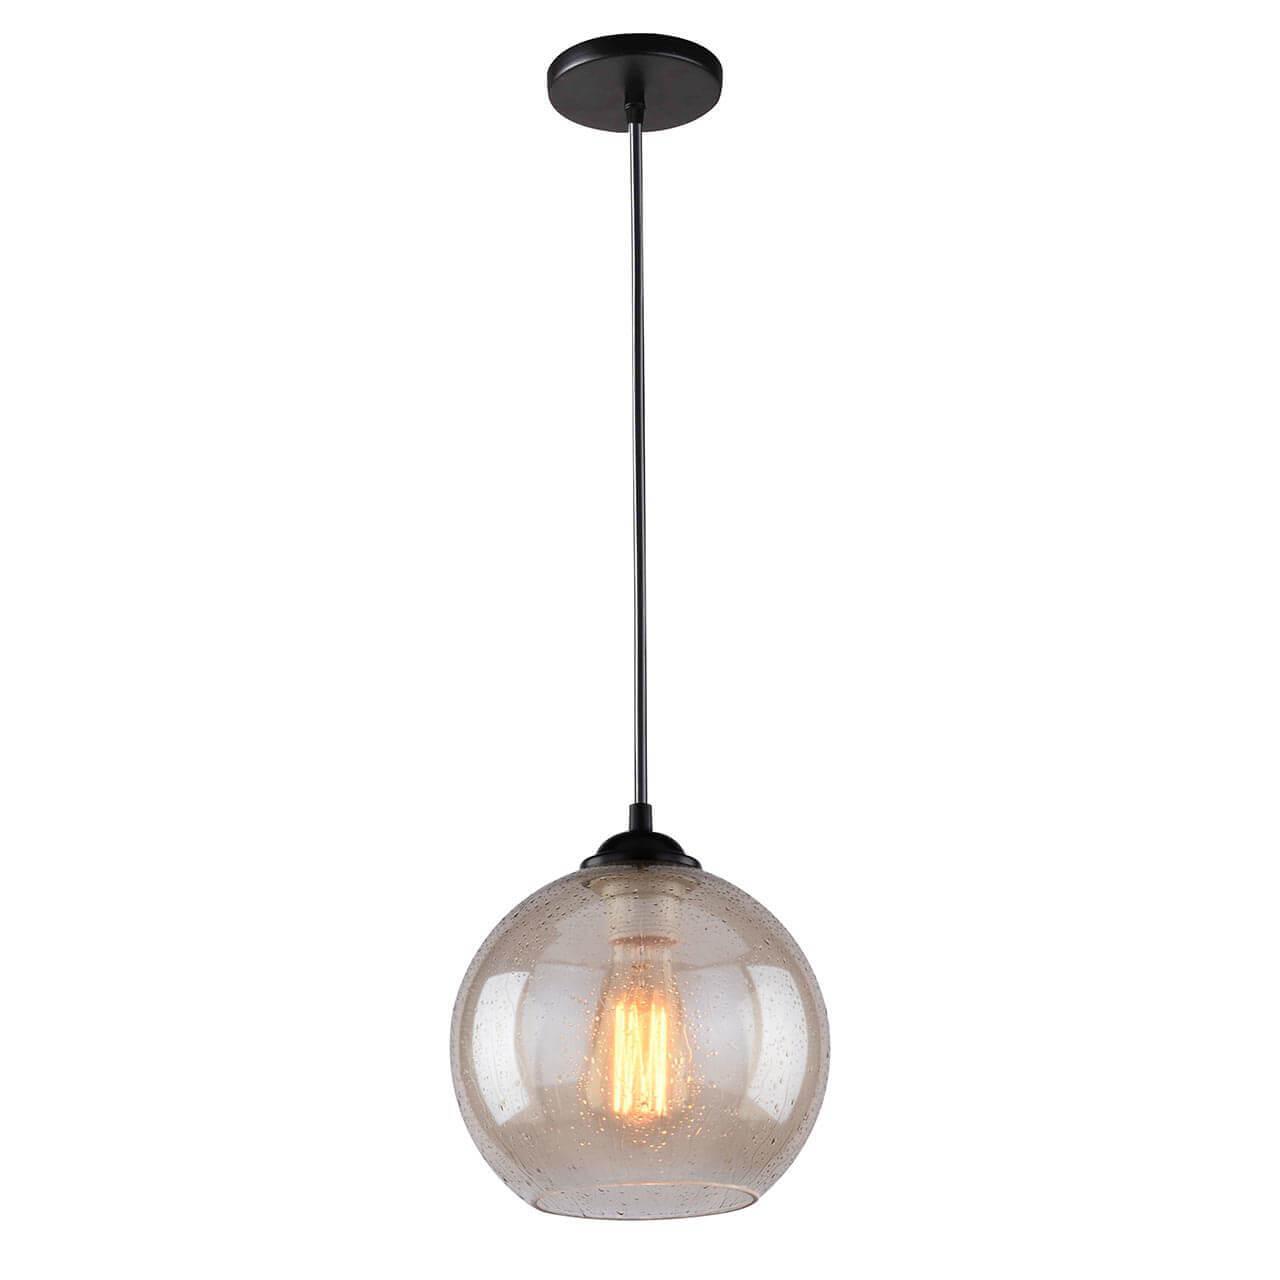 Подвесной светильник Arte Lamp Splendido A4285SP-1AM светильник подвесной arte lamp a8132sp 1am